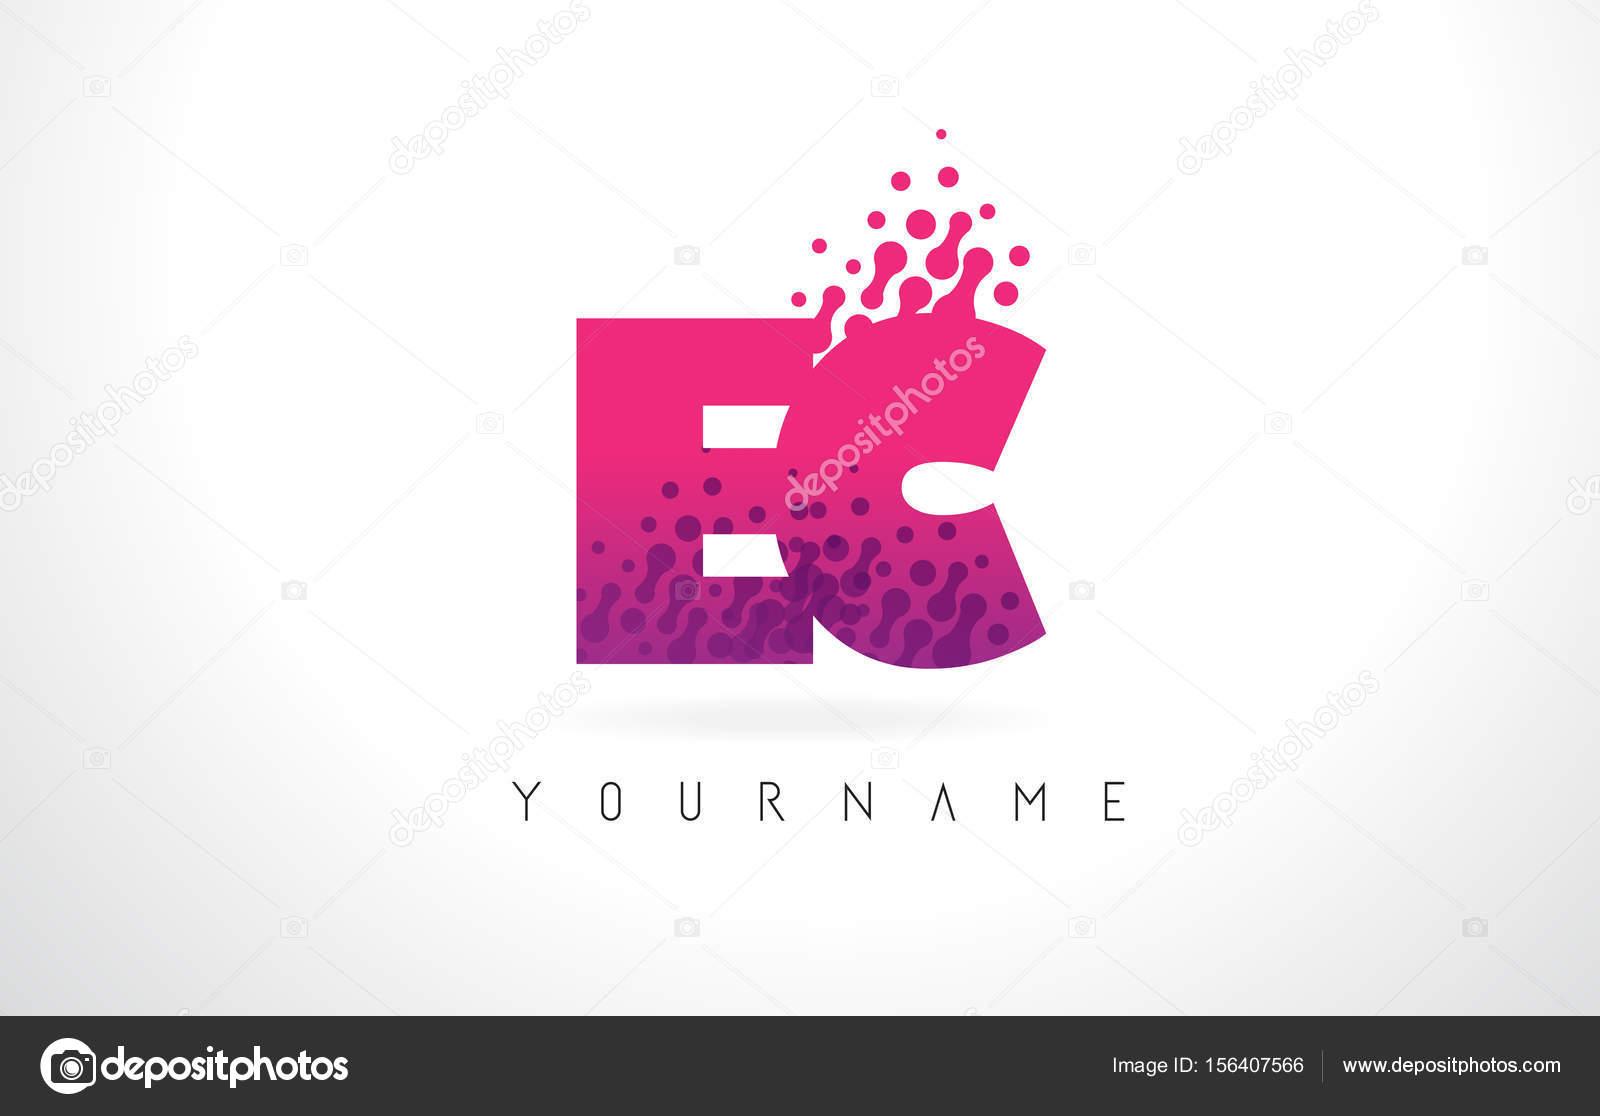 EC E C Letter Logo with Pink Purple Color and Particles Dots Des ...